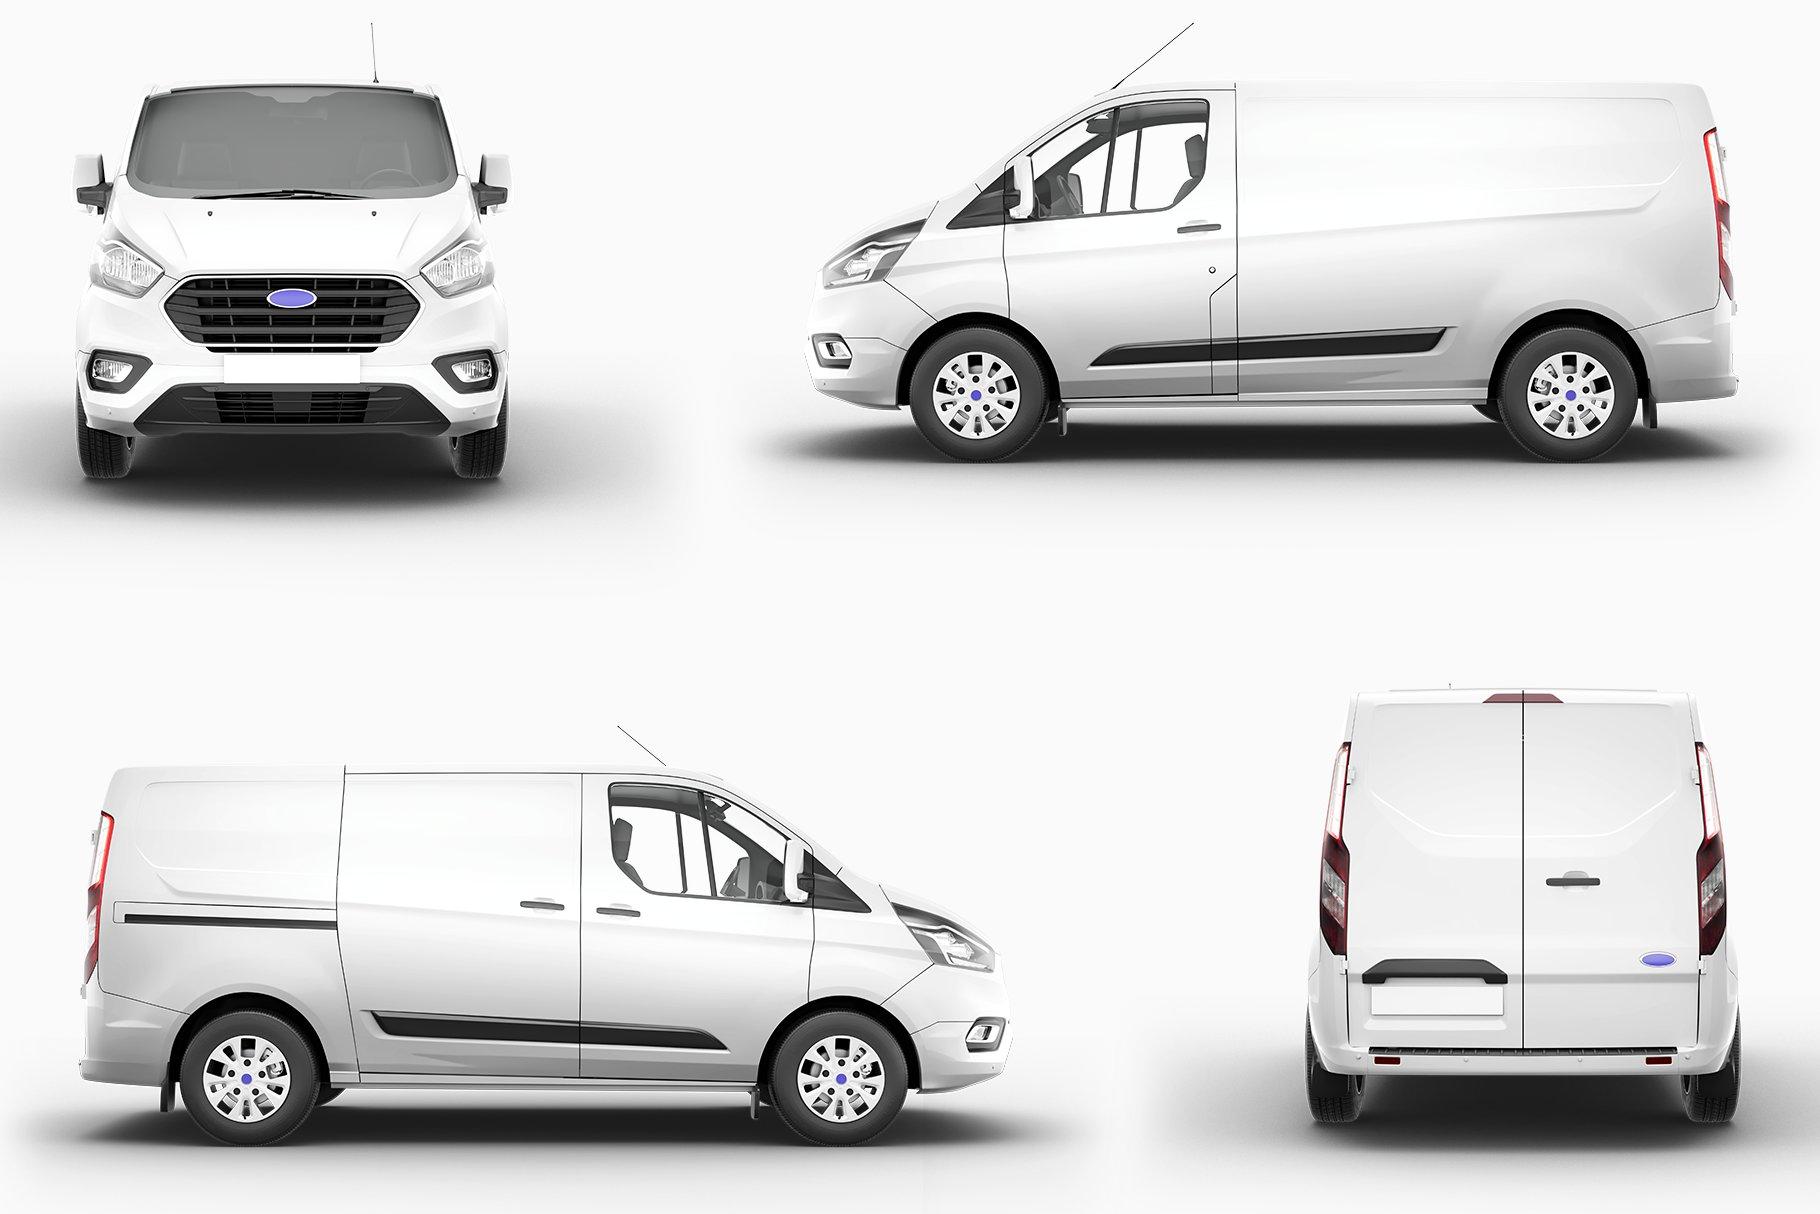 8个封闭面包货车车身广告设计展示样机模板 Van Mockup 14插图11